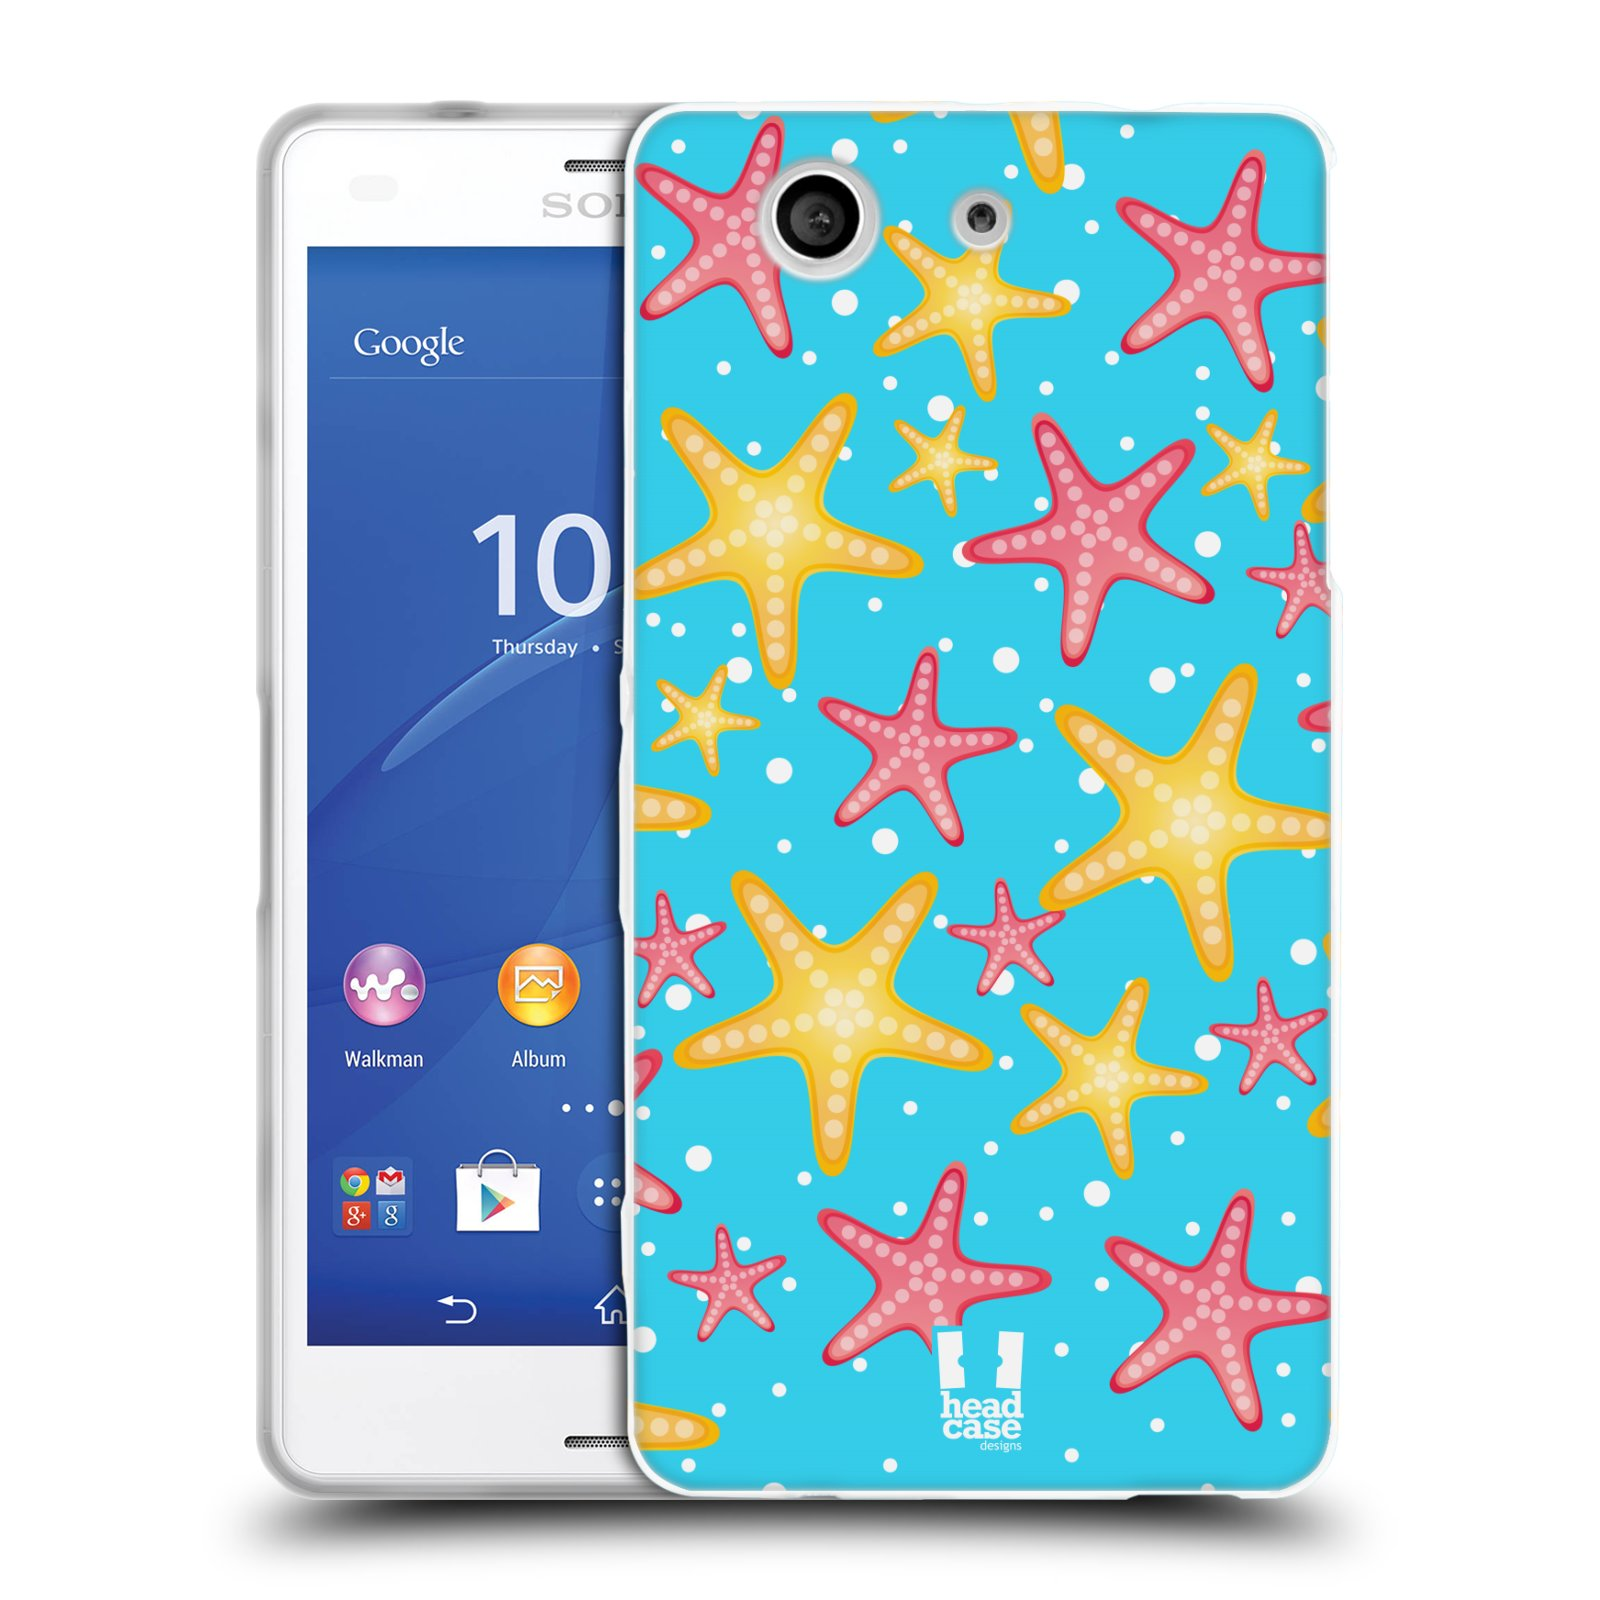 HEAD CASE silikonový obal na mobil Sony Xperia Z3 COMPACT (D5803) vzor mořský živočich hvězda